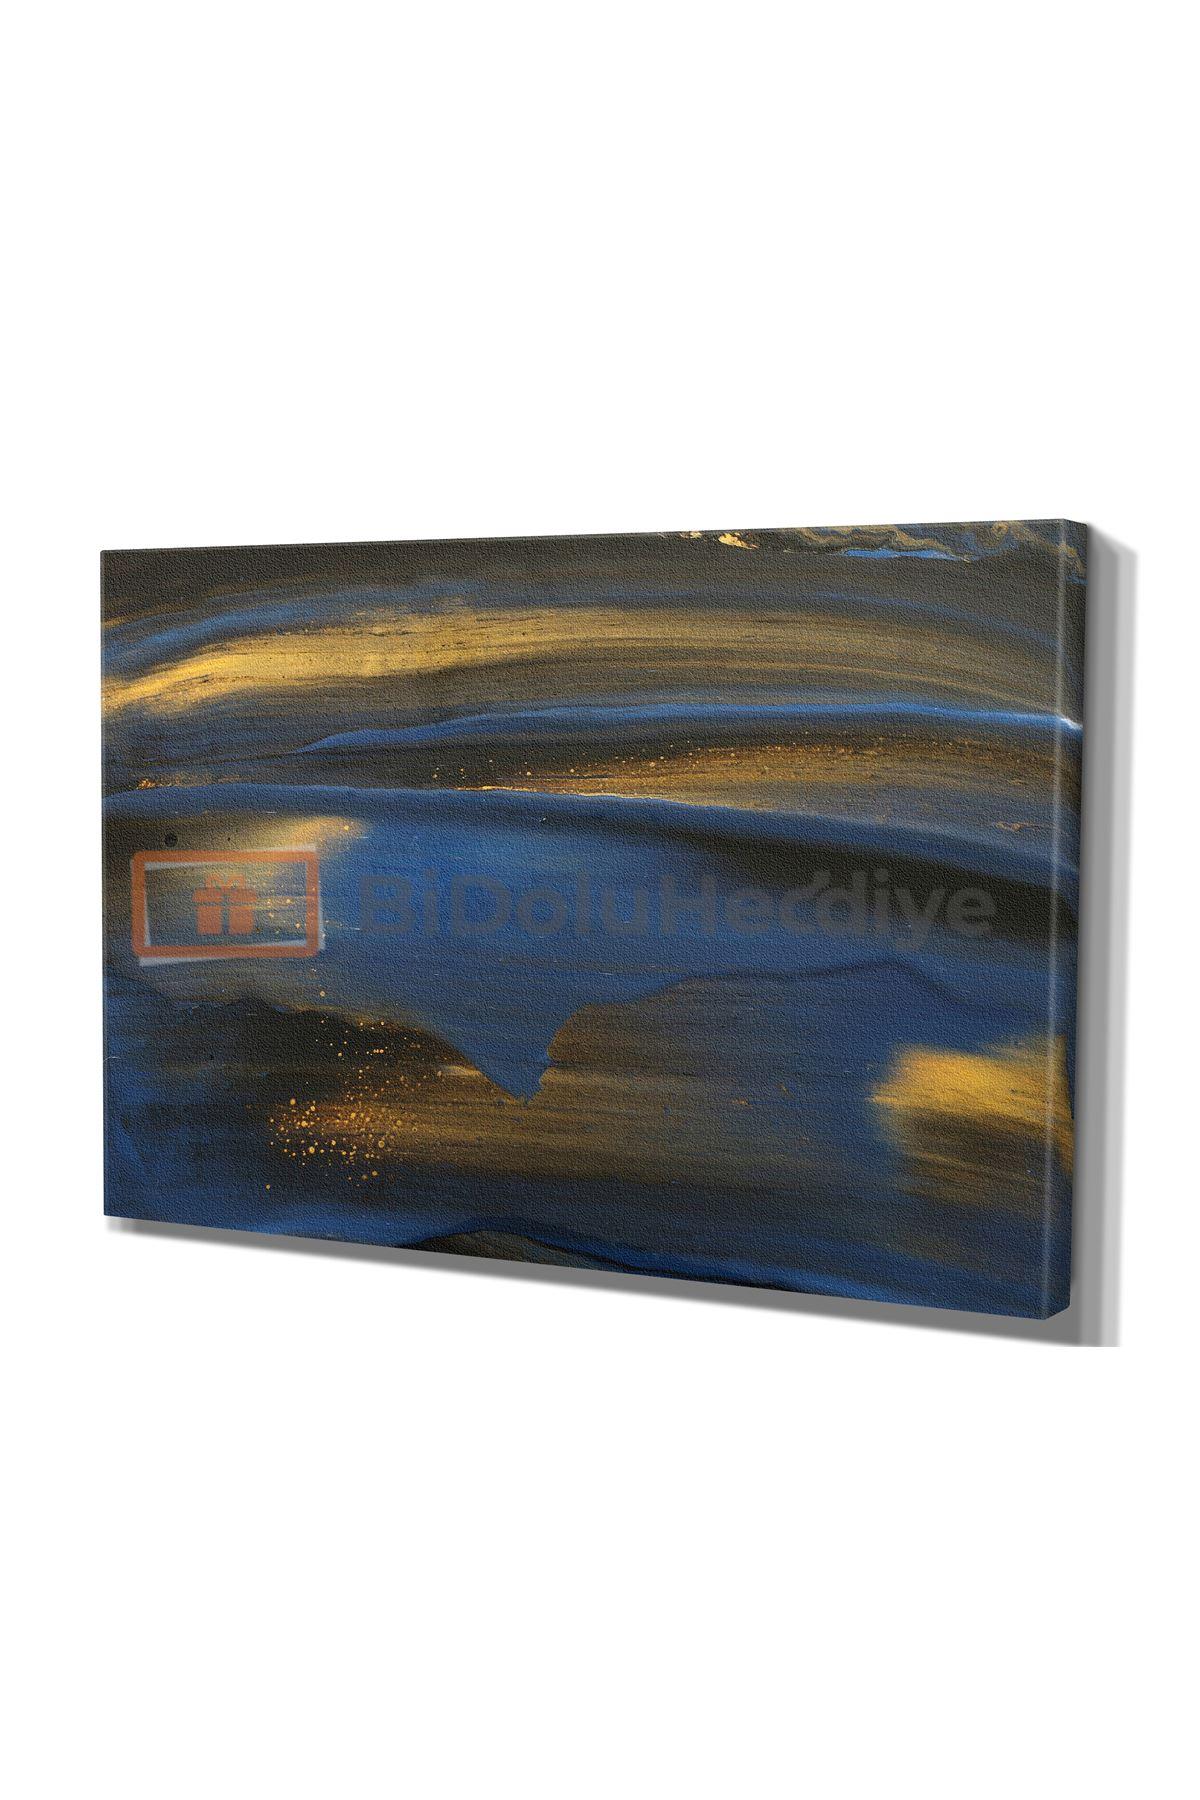 Yağlı Boya Görünümlü Siyah ve Lacivert Zemin Üzerine Gold Fırça Darbeleri Soyut Kanvas Tablo